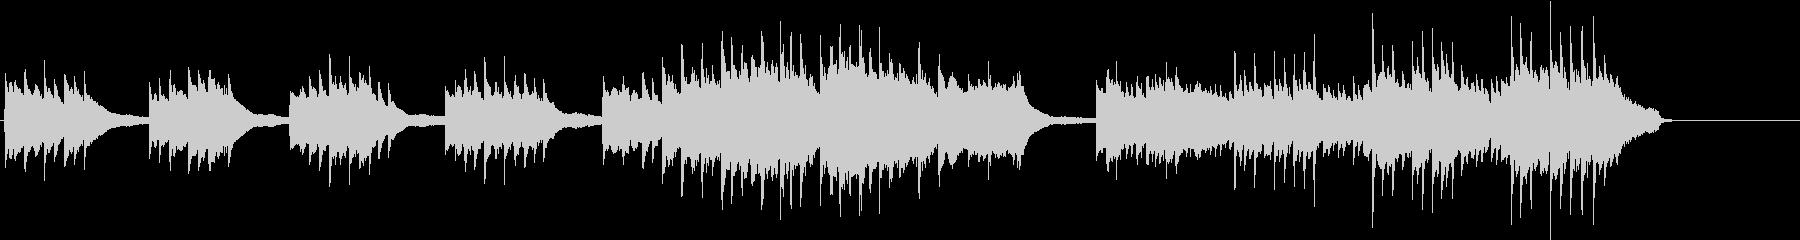 2台ピアノで旋律が印象的なBGMの未再生の波形